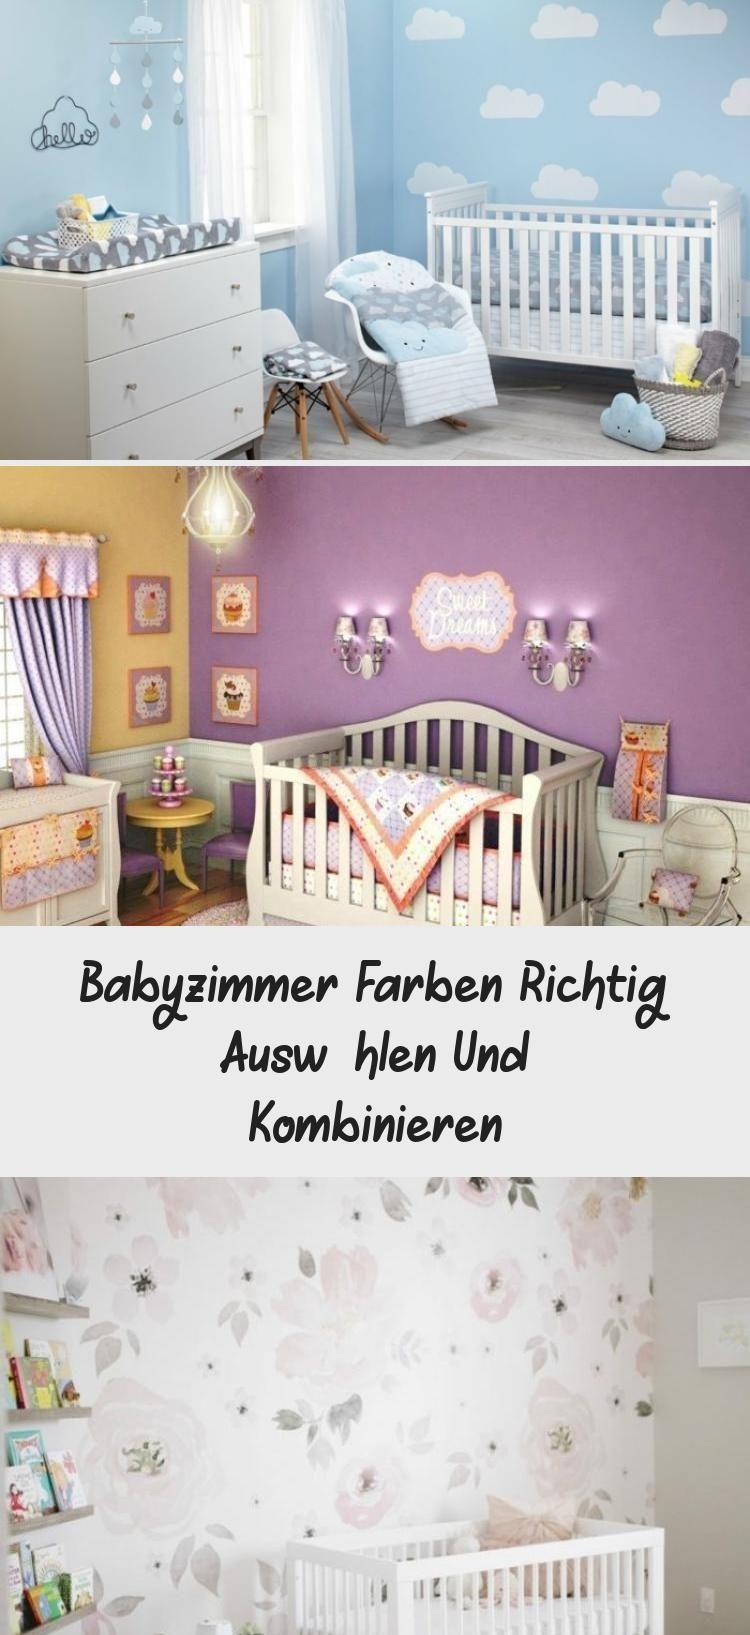 Farben Im Kinderzimmer Richtig Auswählen Und Kombinieren Sessel Kombierenavec B Babyzimmer Farben Babyzimmer Kinder Zimmer